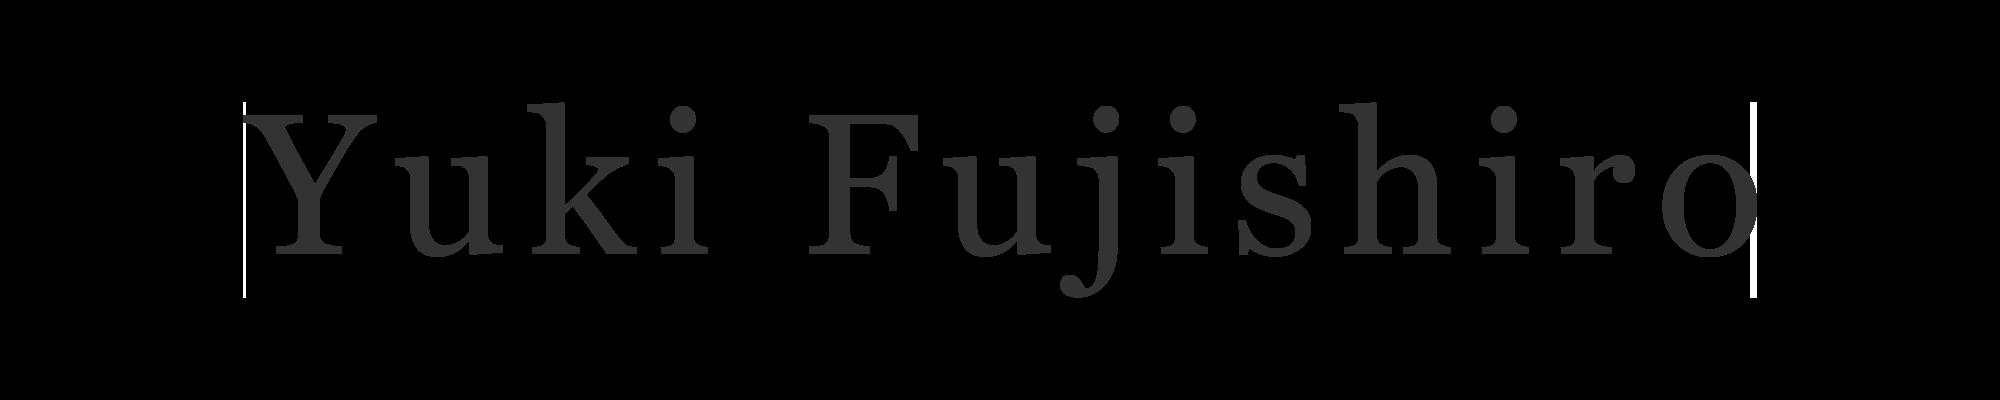 藤代有希オフィシャルホームページ – Yuki Fujishiro Official Site –